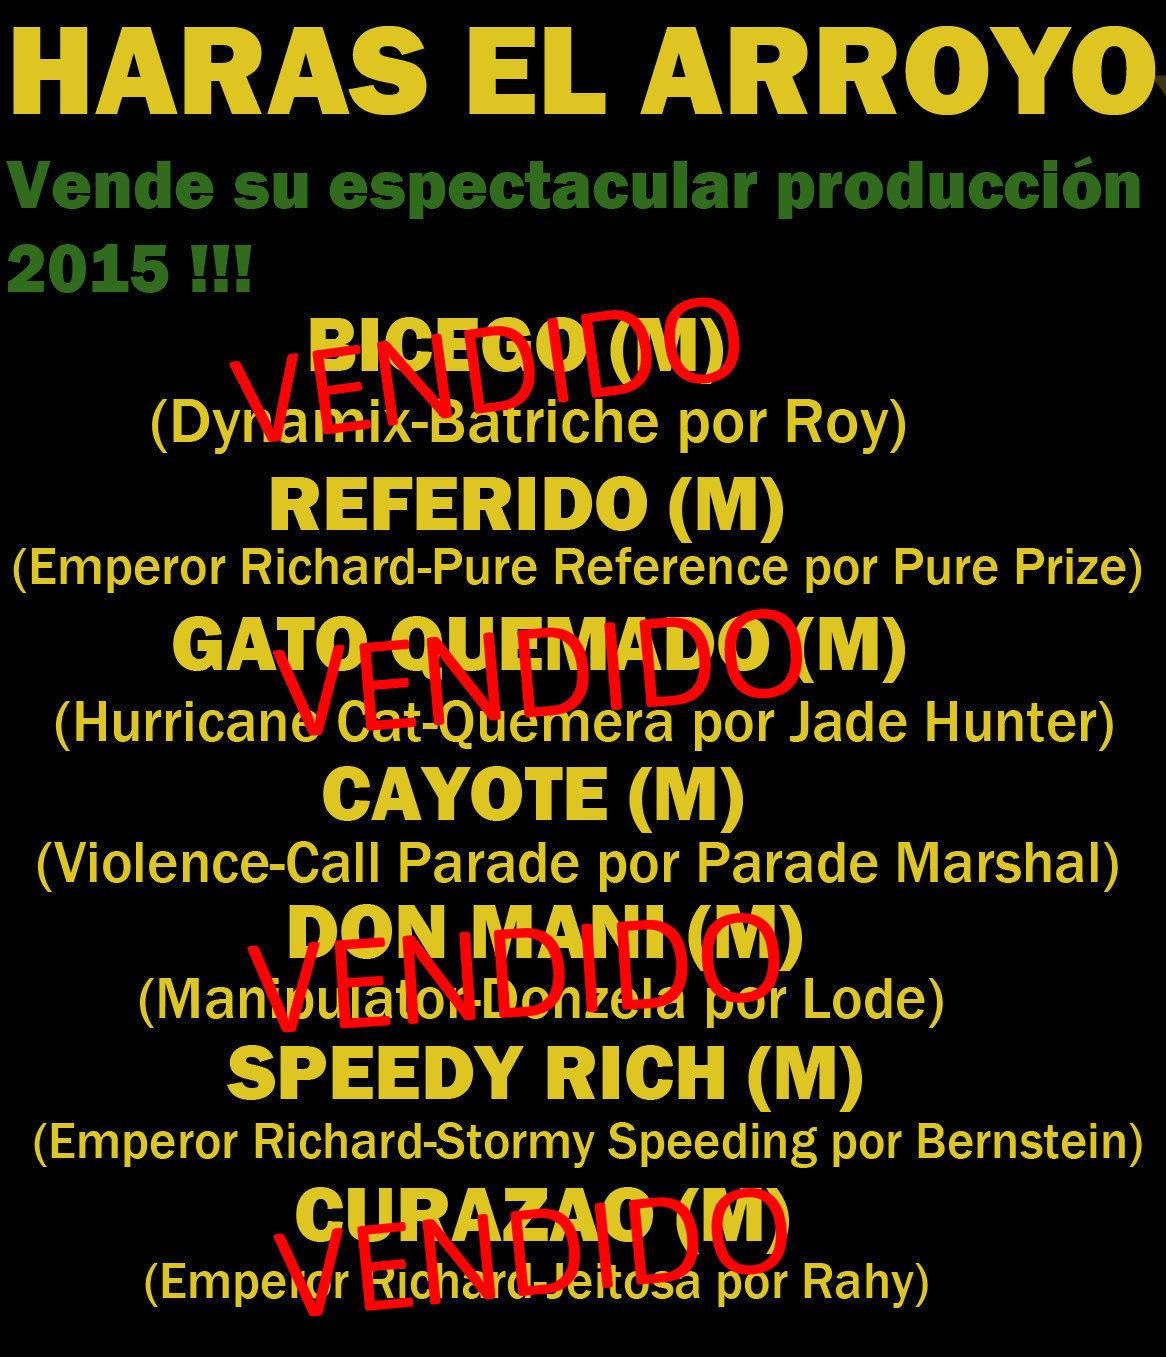 HS EL ARROYO 1